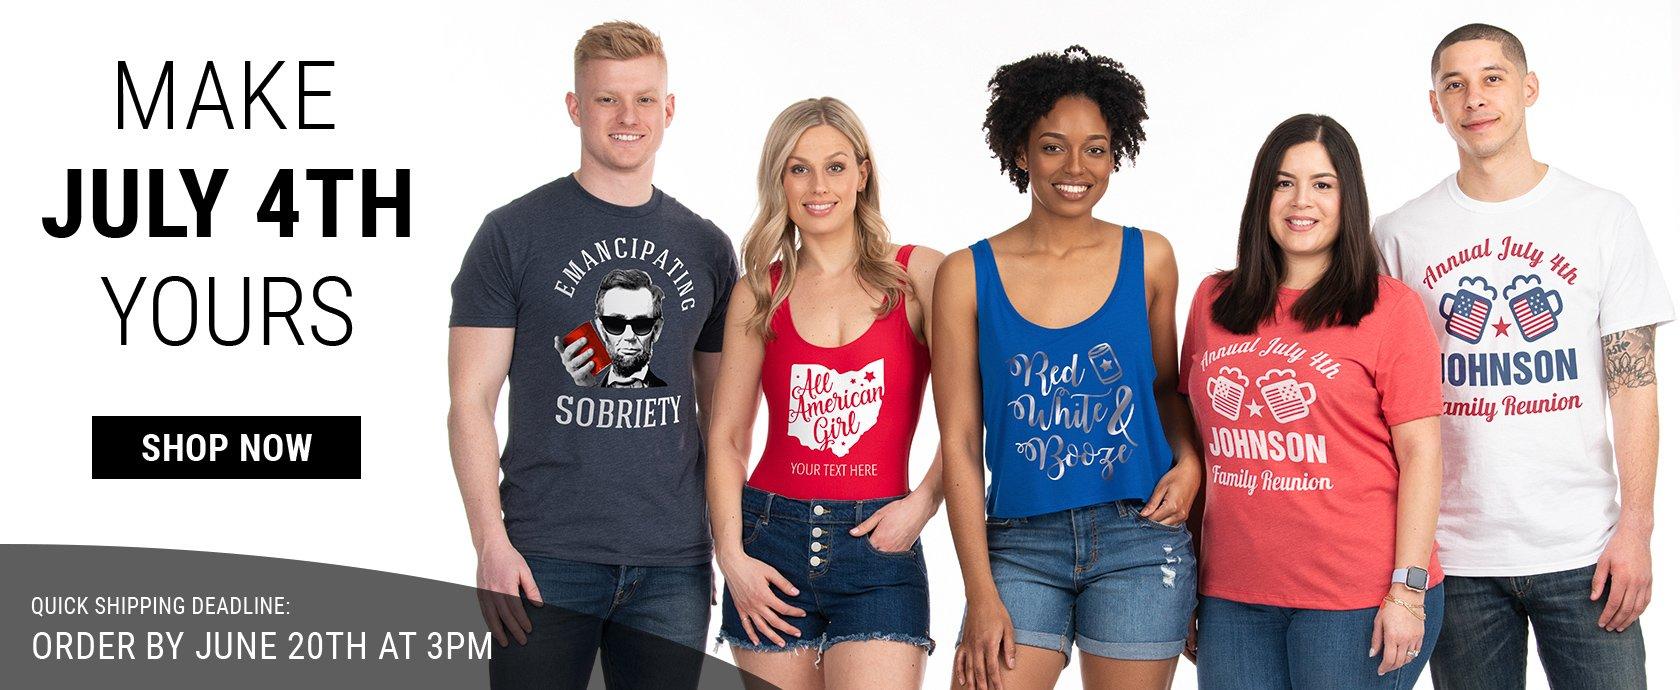 Shop Custom July 4th Apparel